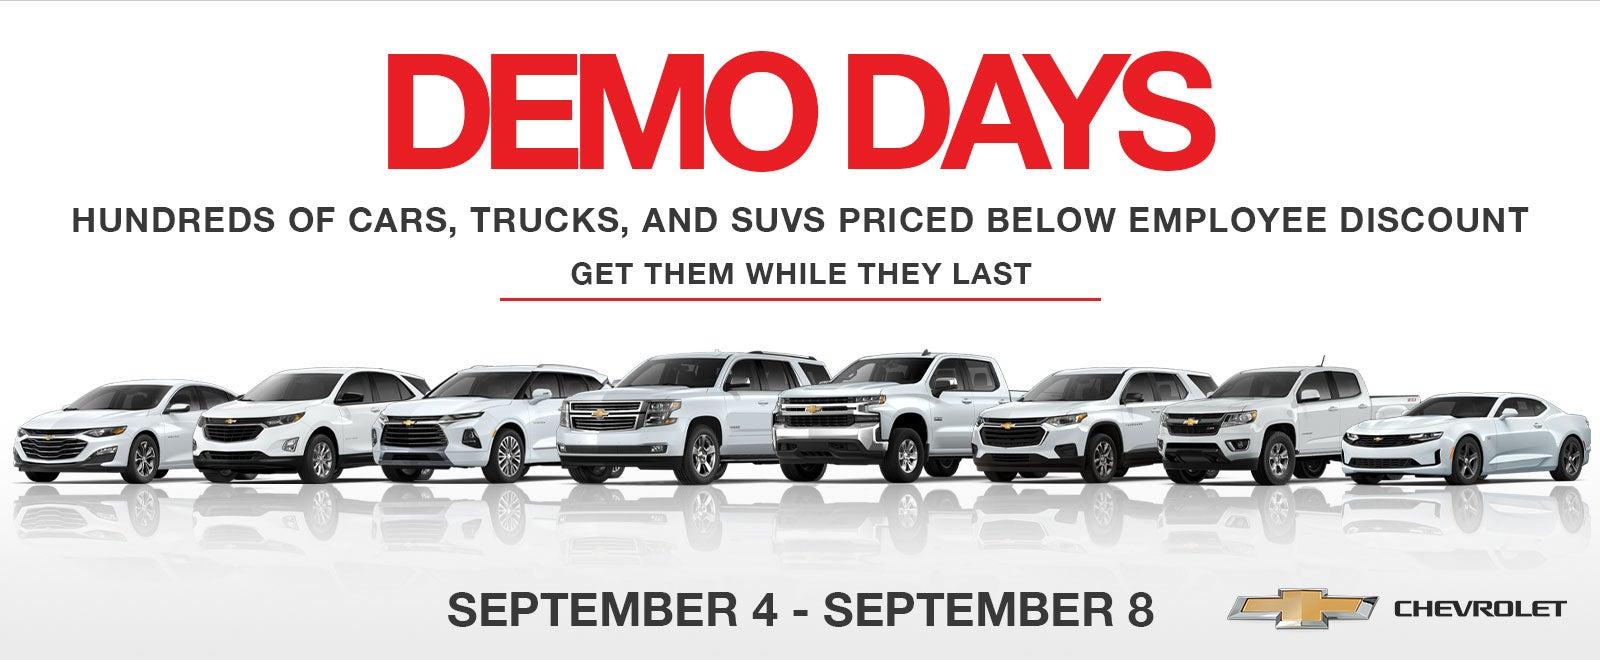 Deals On Brand New Chevrolet Vehicles Feldman Chevrolet Of